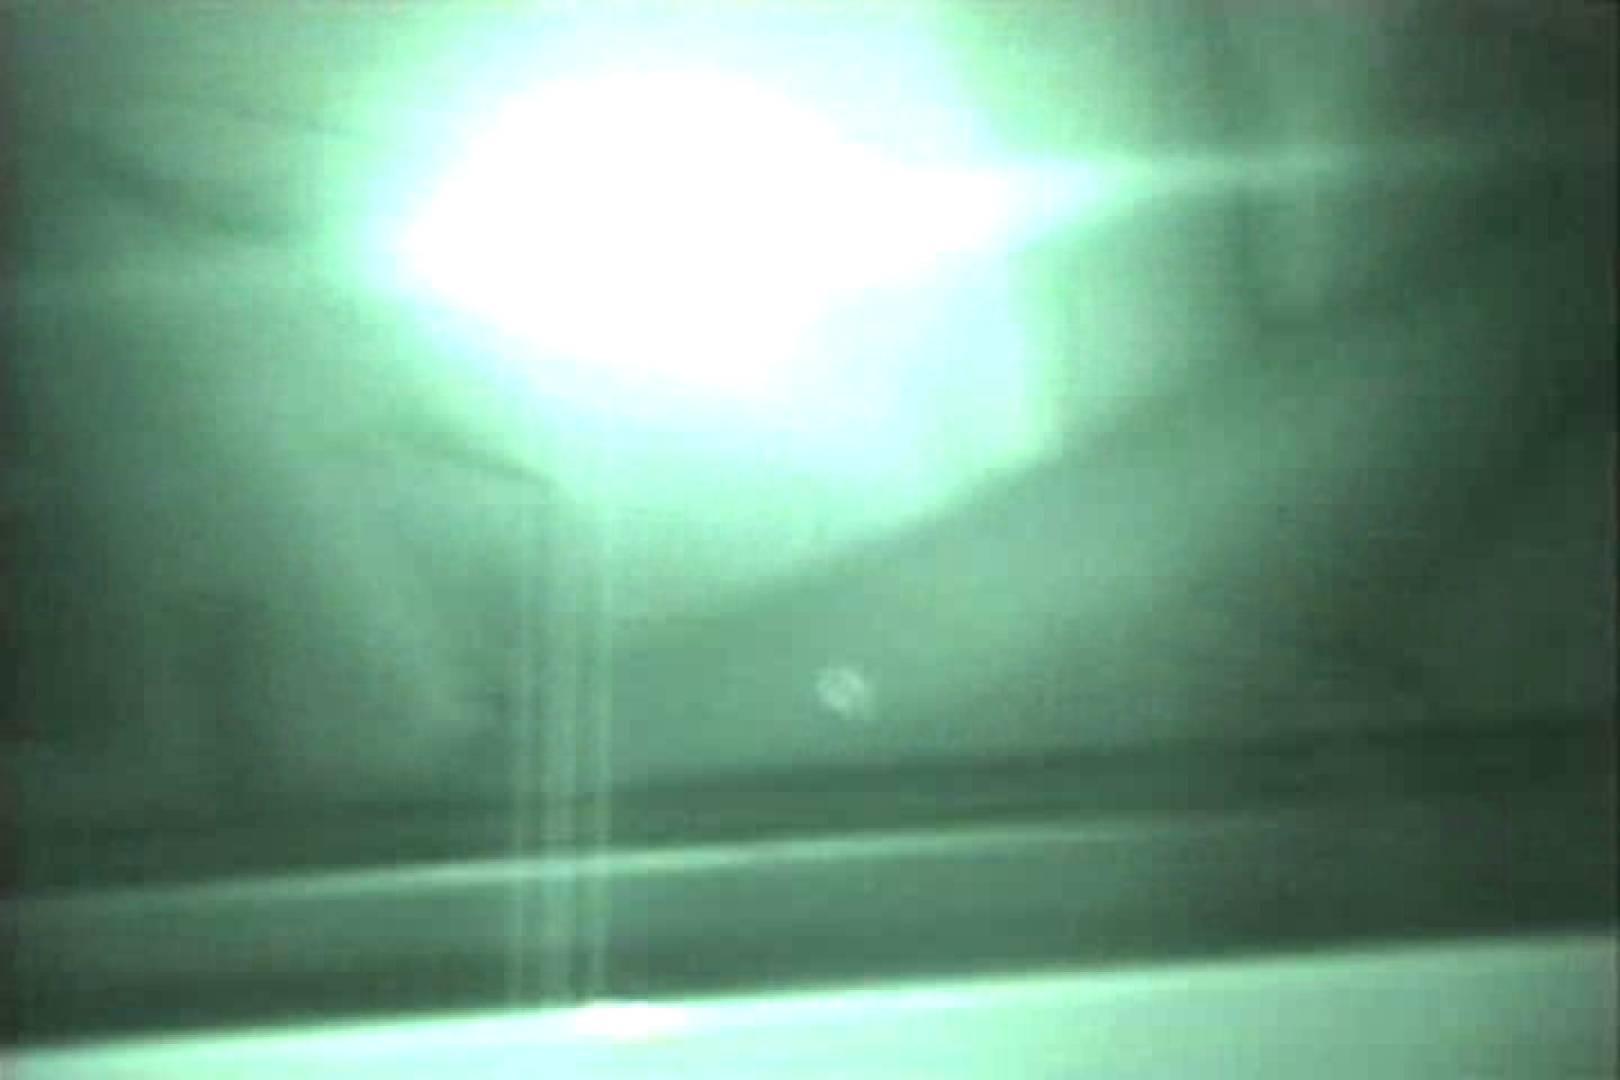 蔵出し!!赤外線カーセックスVol.16 美しいOLの裸体 AV無料動画キャプチャ 89pic 2